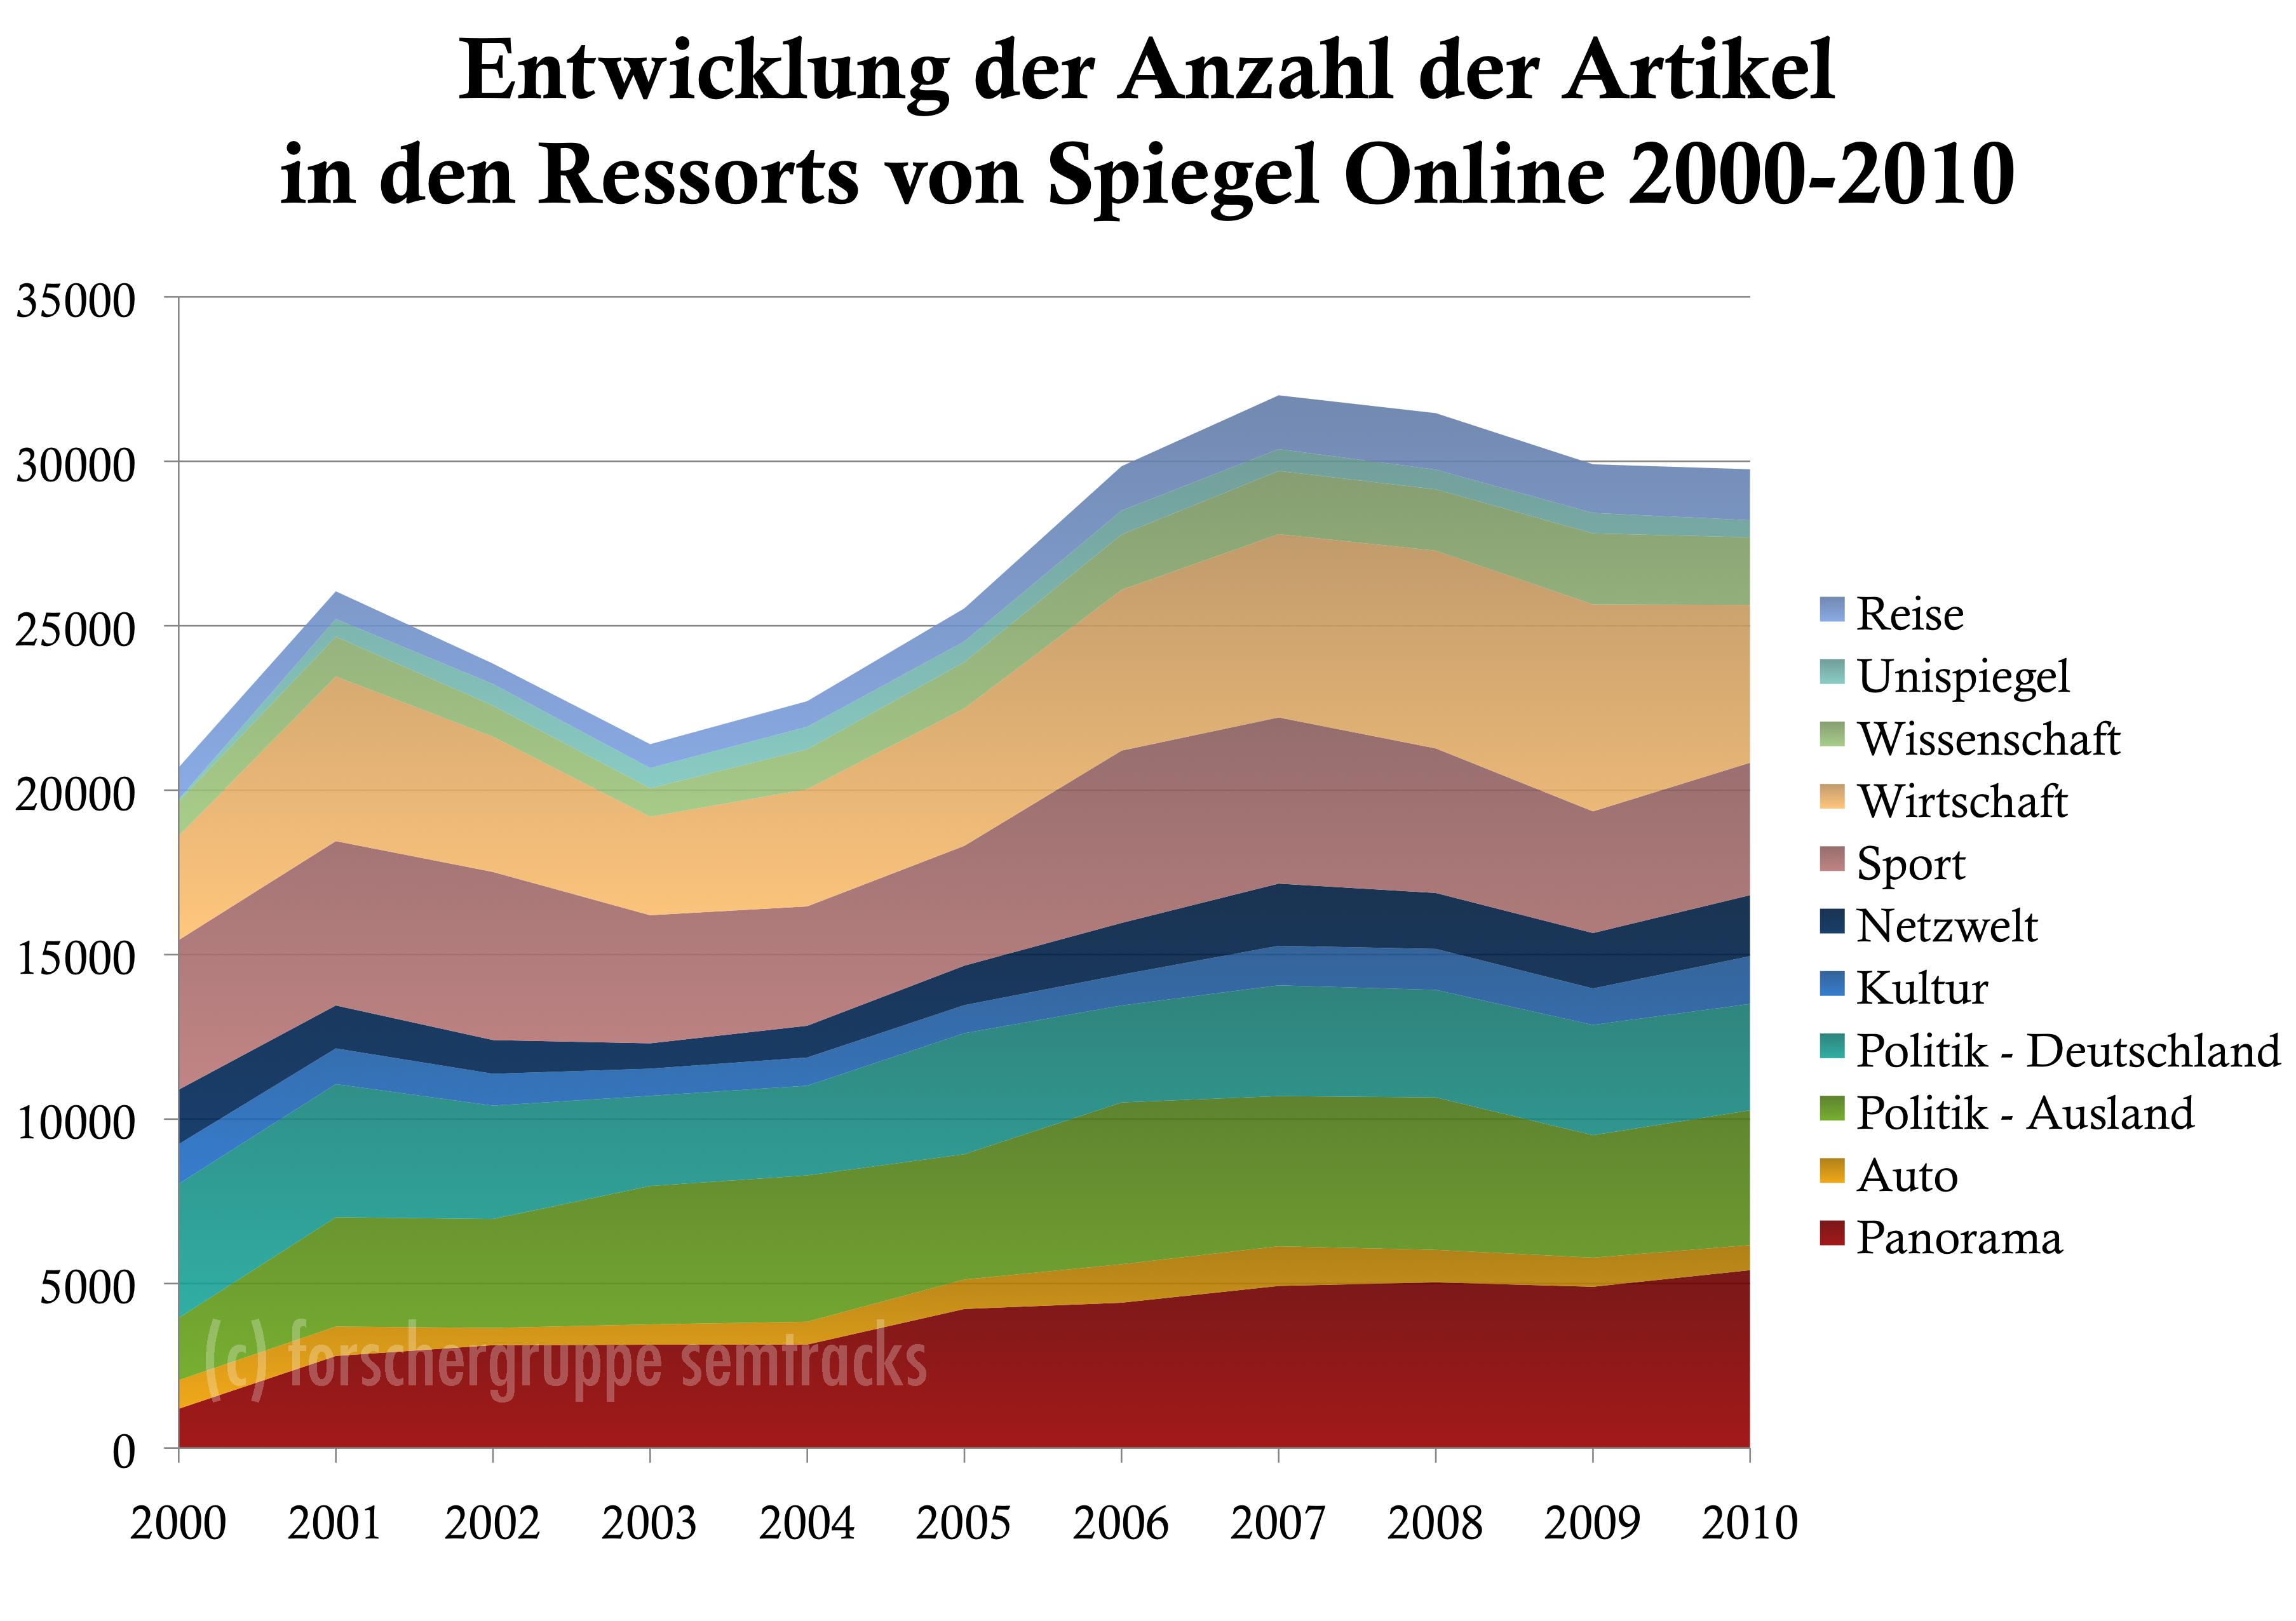 Spiegel Online: Absolute Anzahl Artikel je Ressort